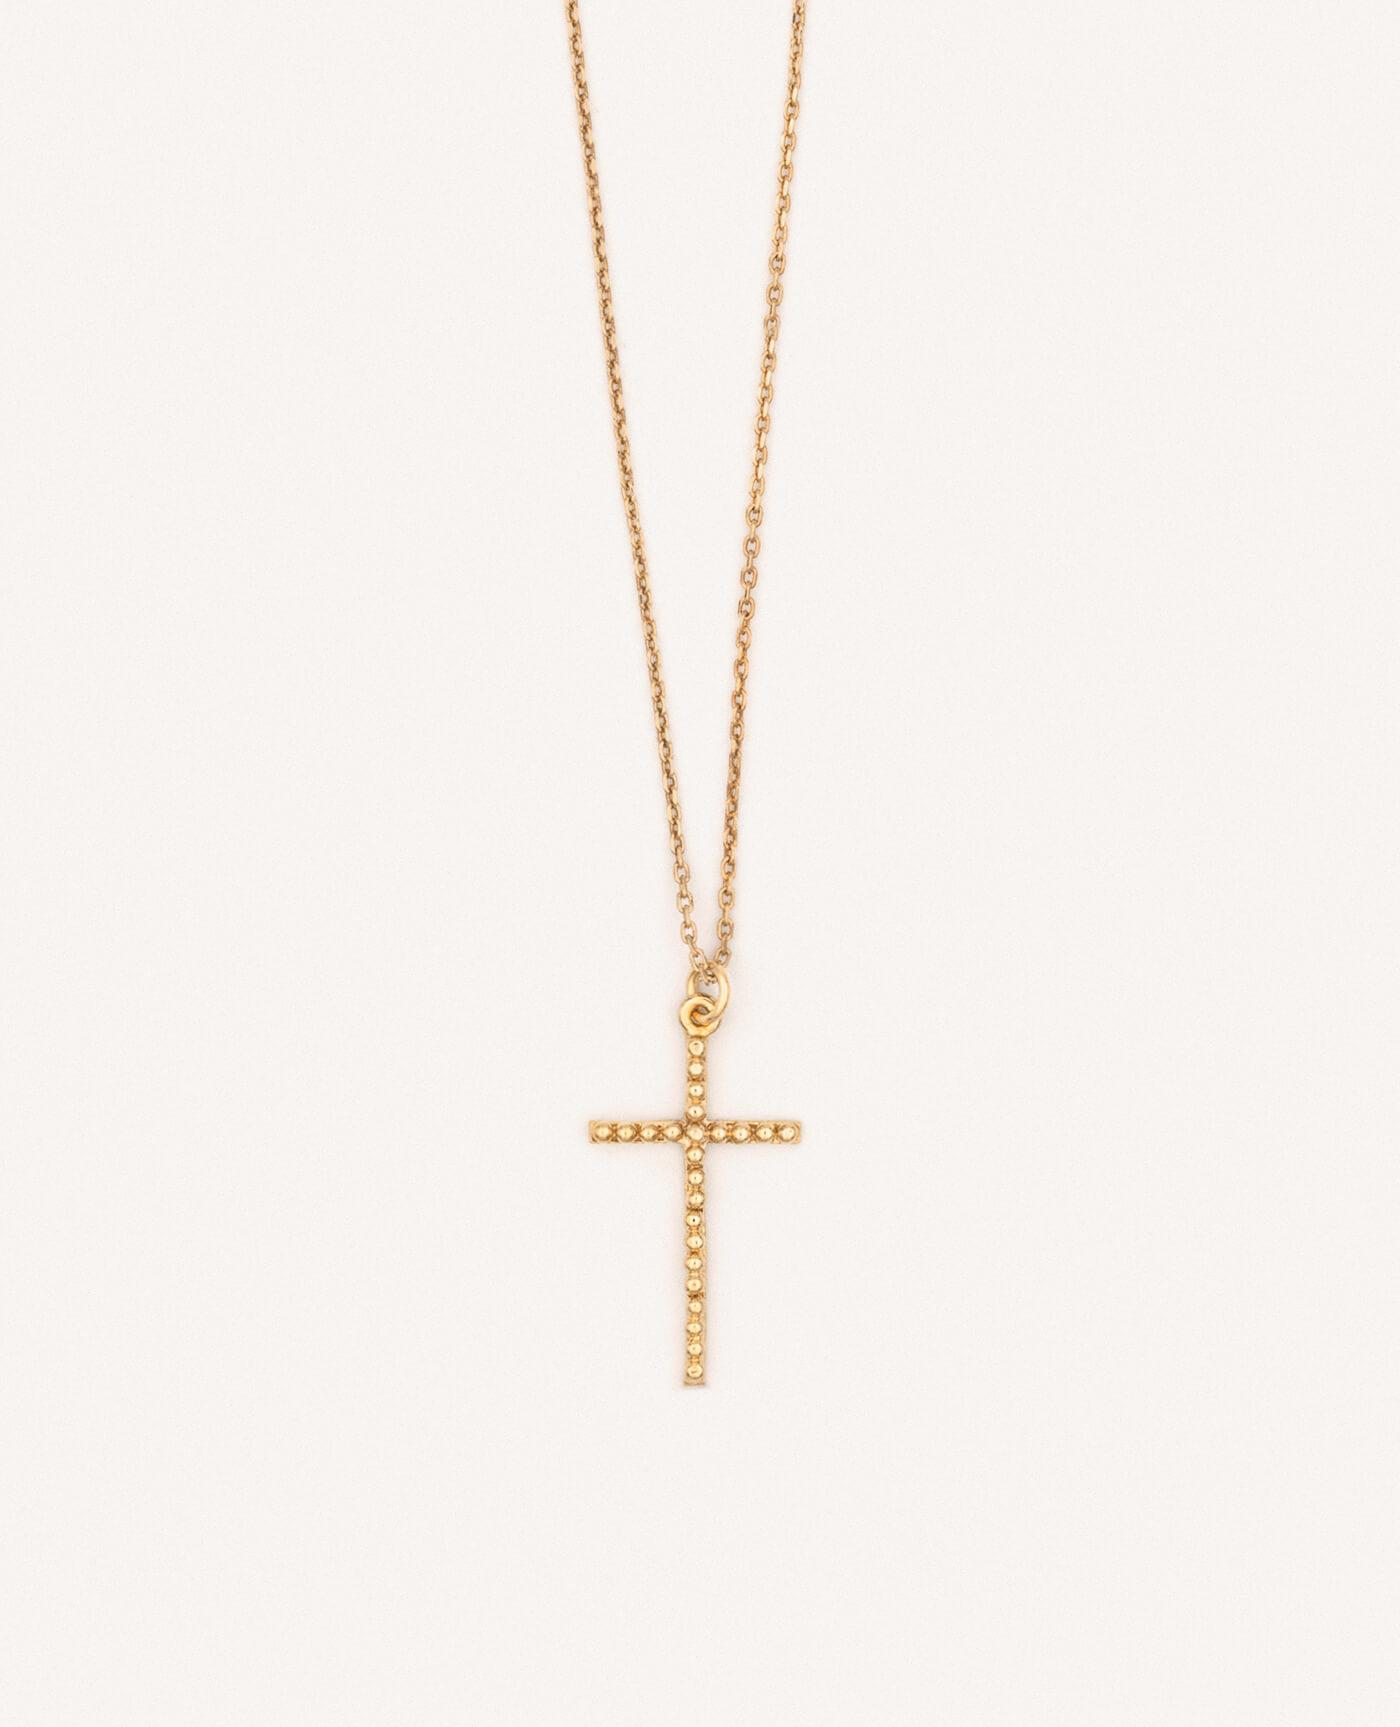 Collier croix fine en or de la marque Luj Paris